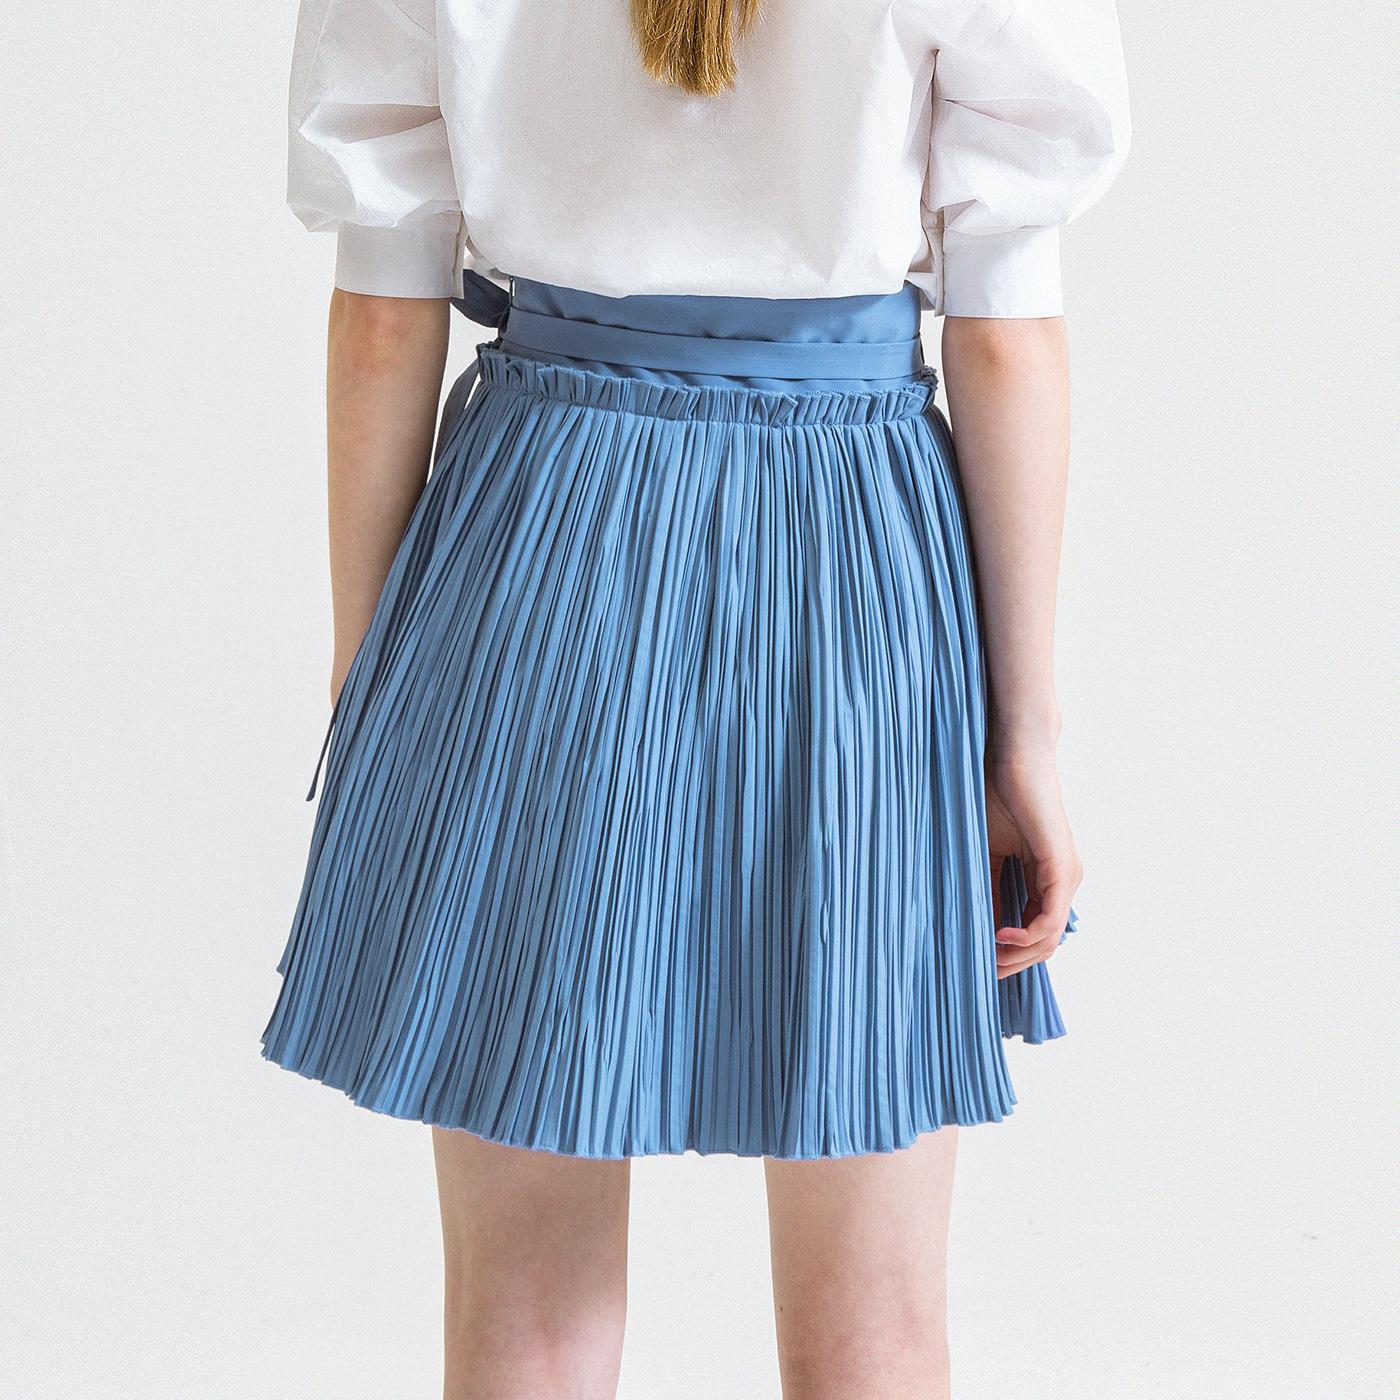 糖力 夏装欧美女装中腰蓝色A字半身裙系带百褶裙显瘦短裙